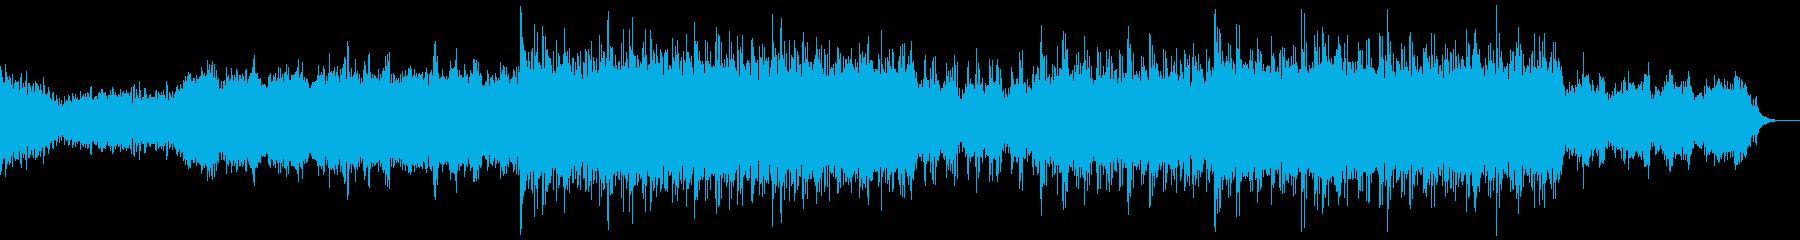 科学、内なる宇宙、ドキュメンタリー-06の再生済みの波形